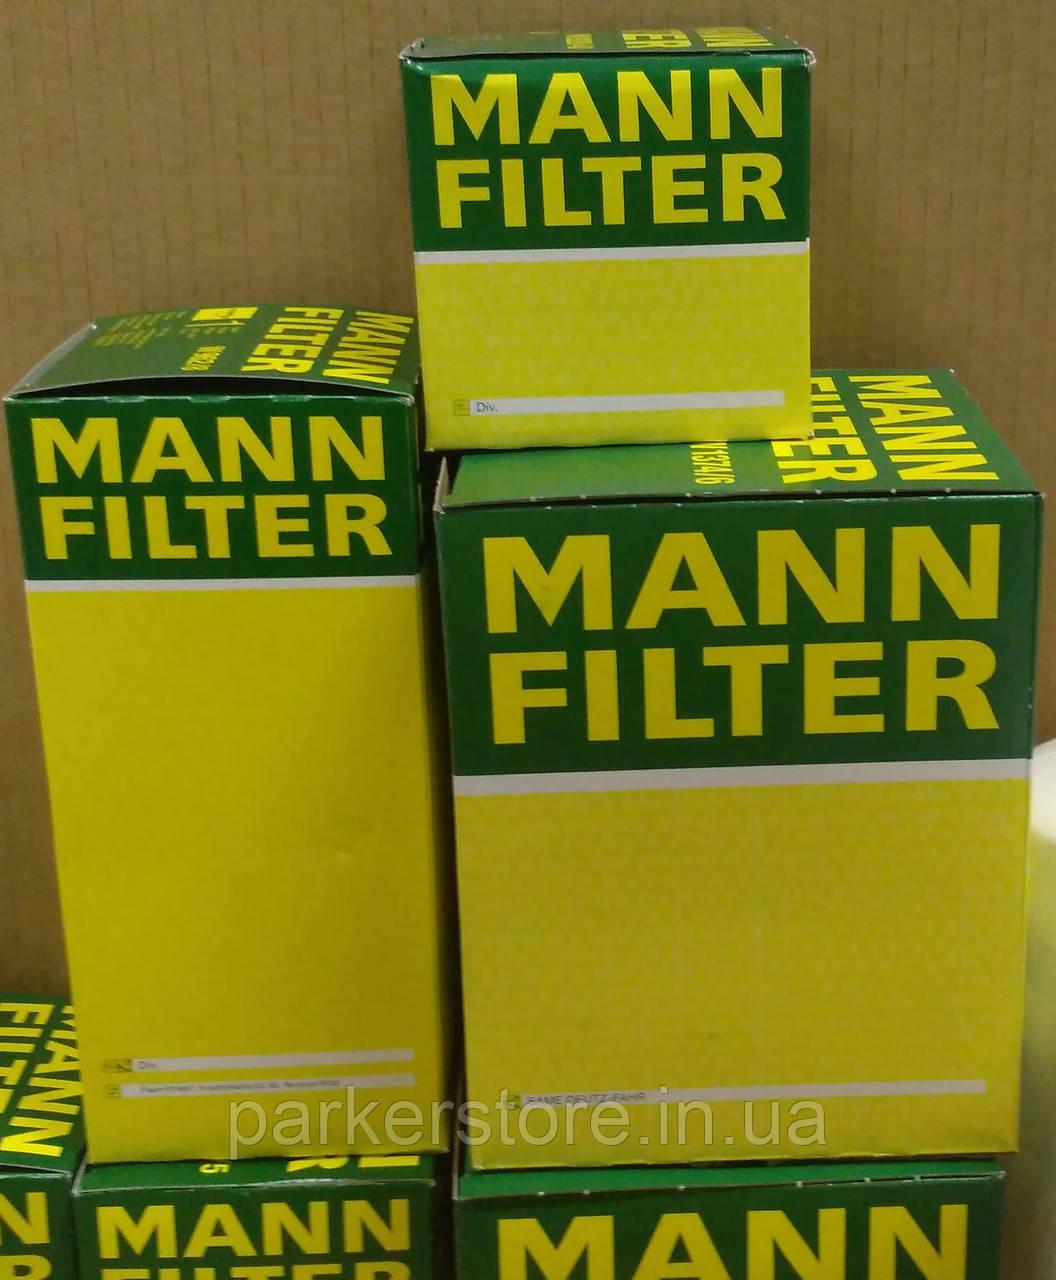 MANN FILTER / Воздушный фильтр / C 23 440/2 / C23440/2